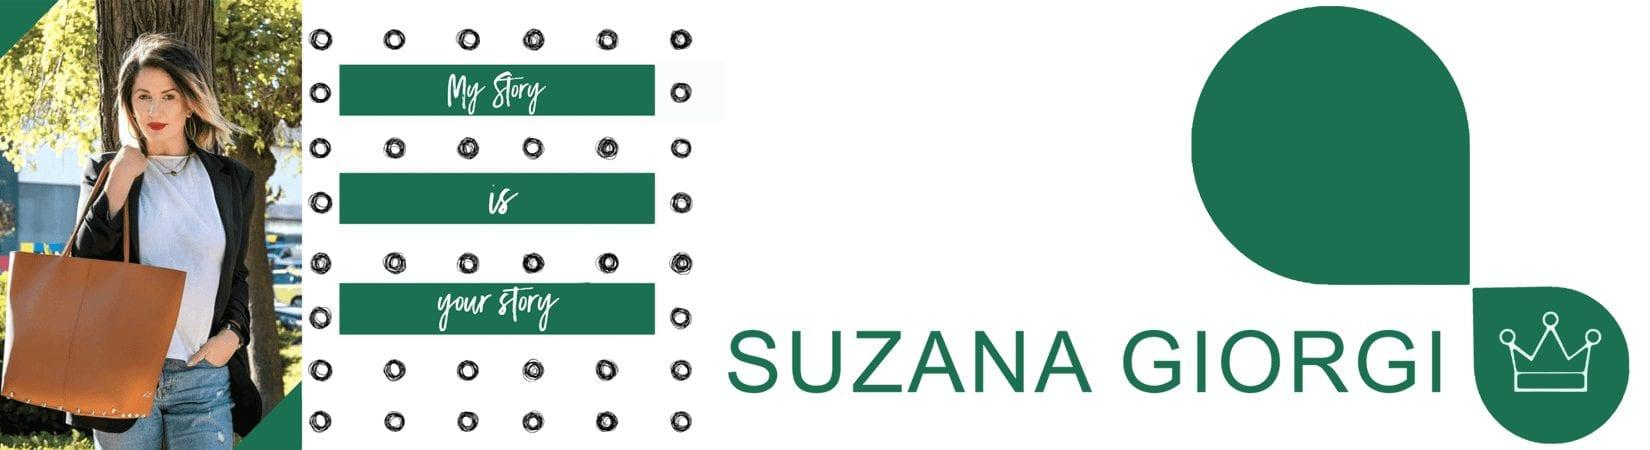 Suzana Giorgi